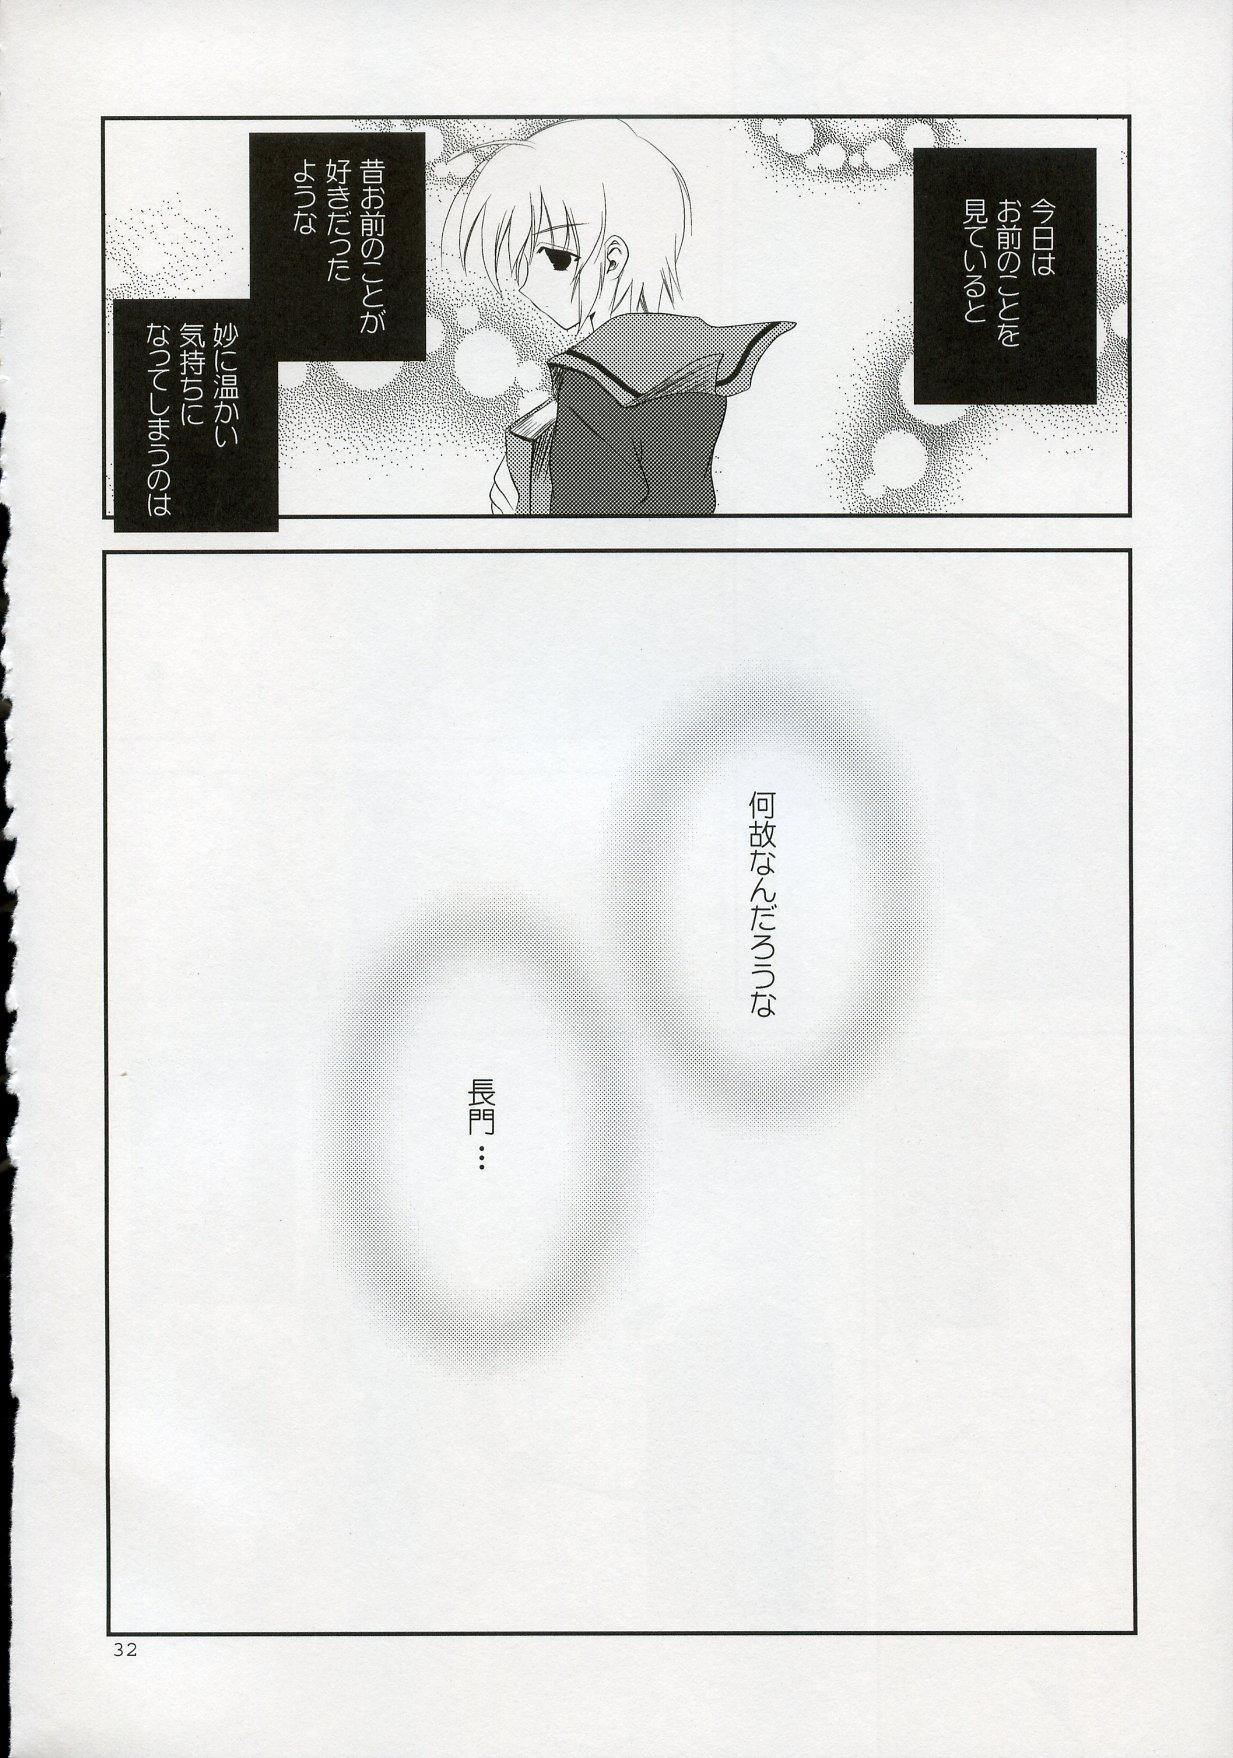 Nagato VS Kyon 30